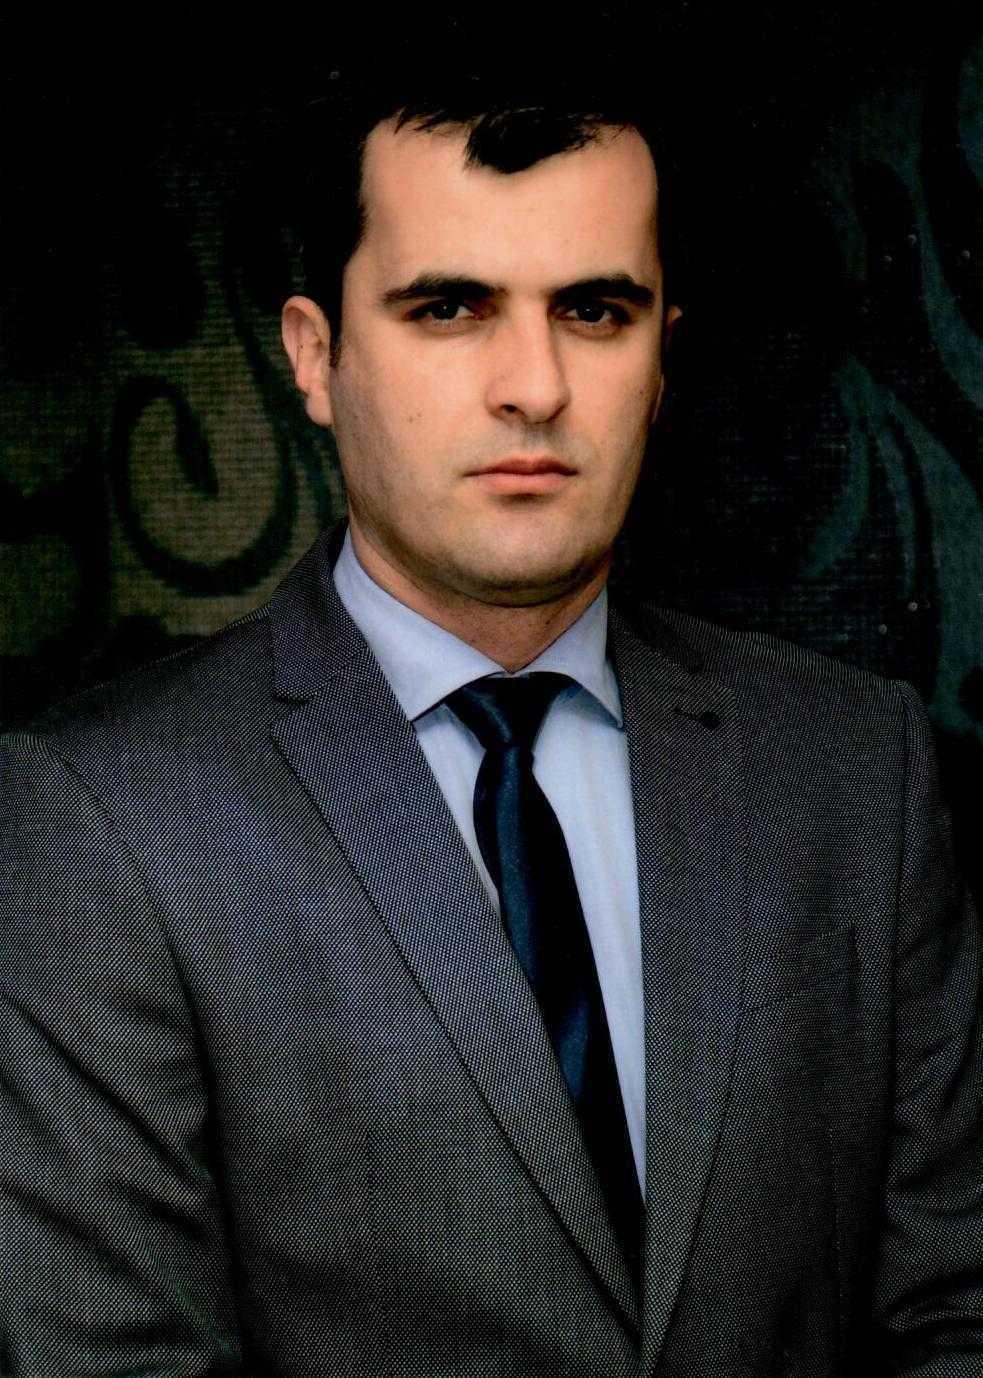 Miljan Joksimović